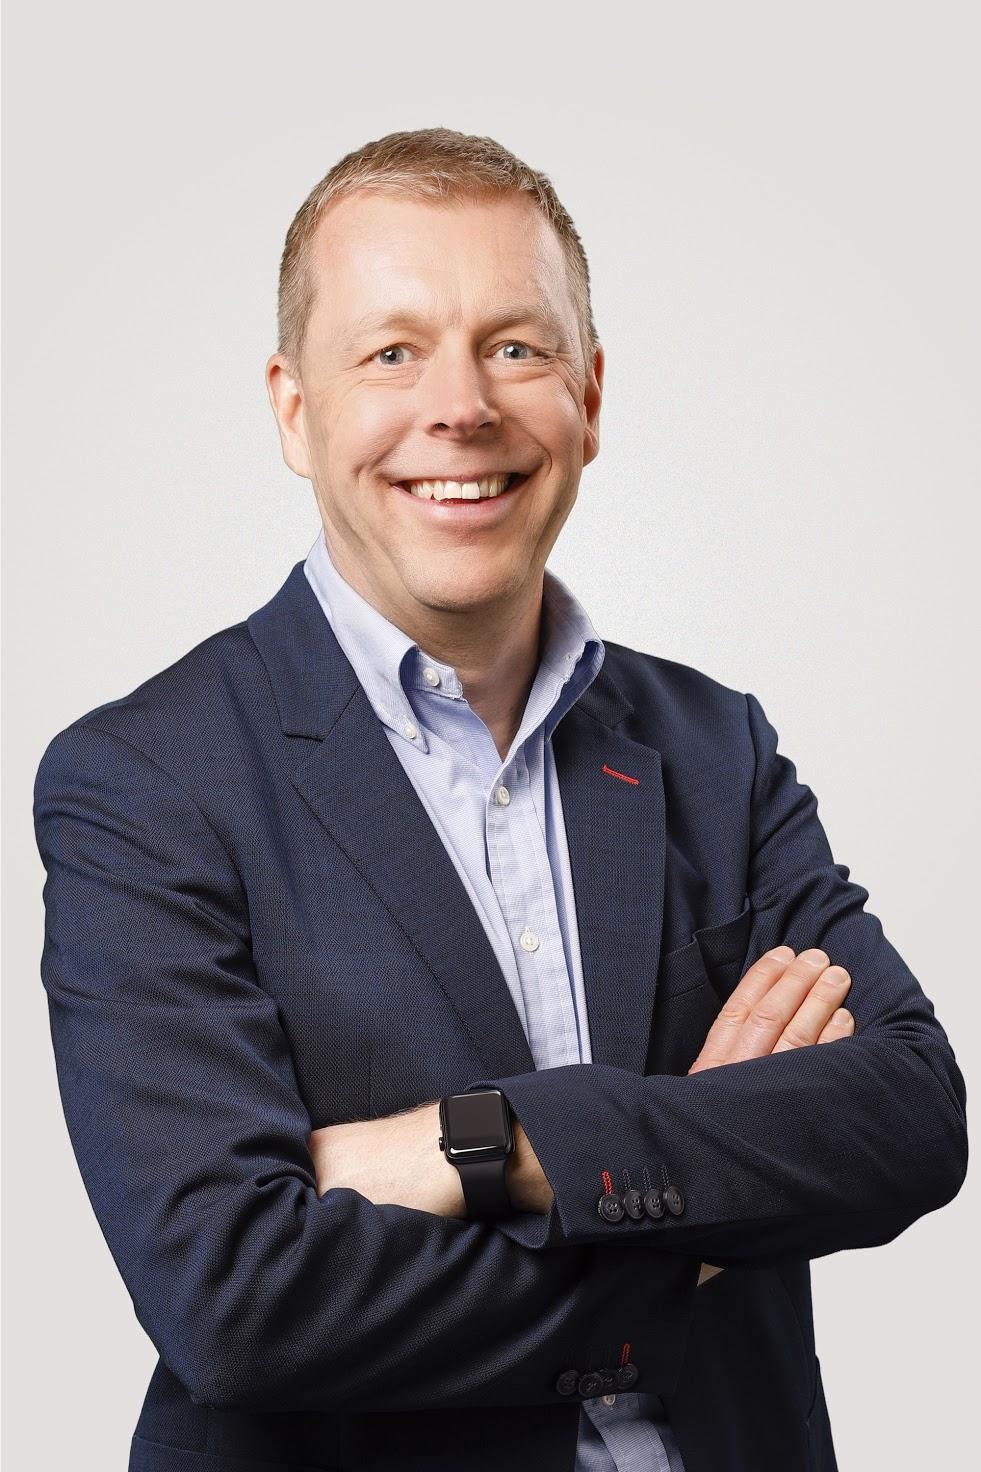 Janne Jormalainen